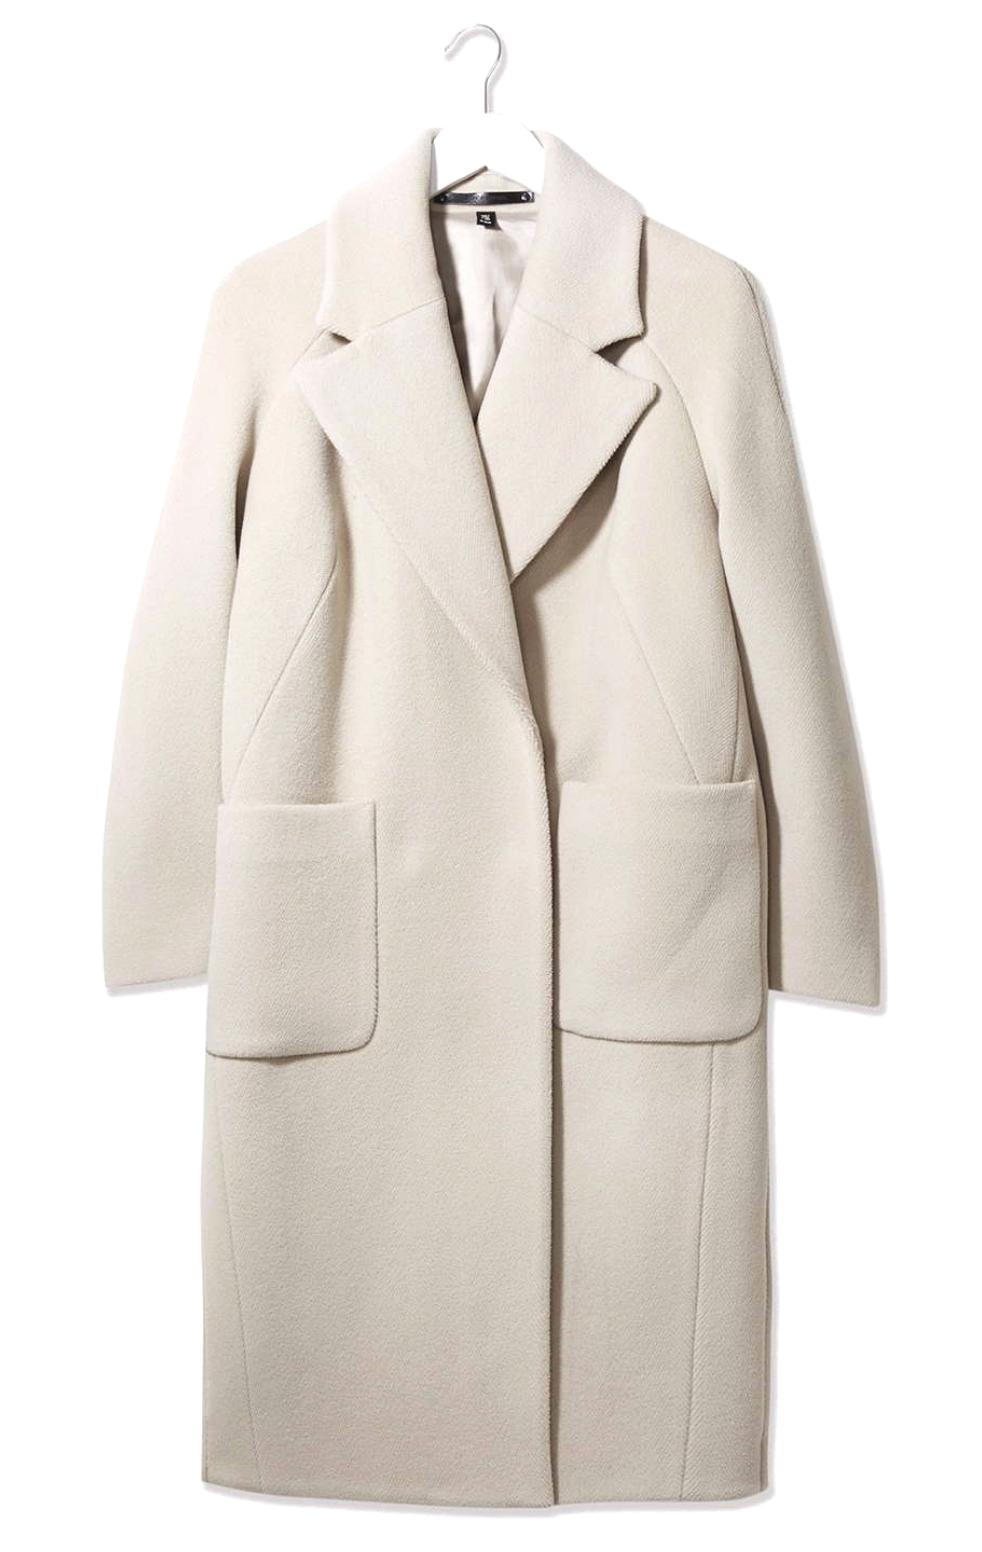 Topshop jacket.jpg